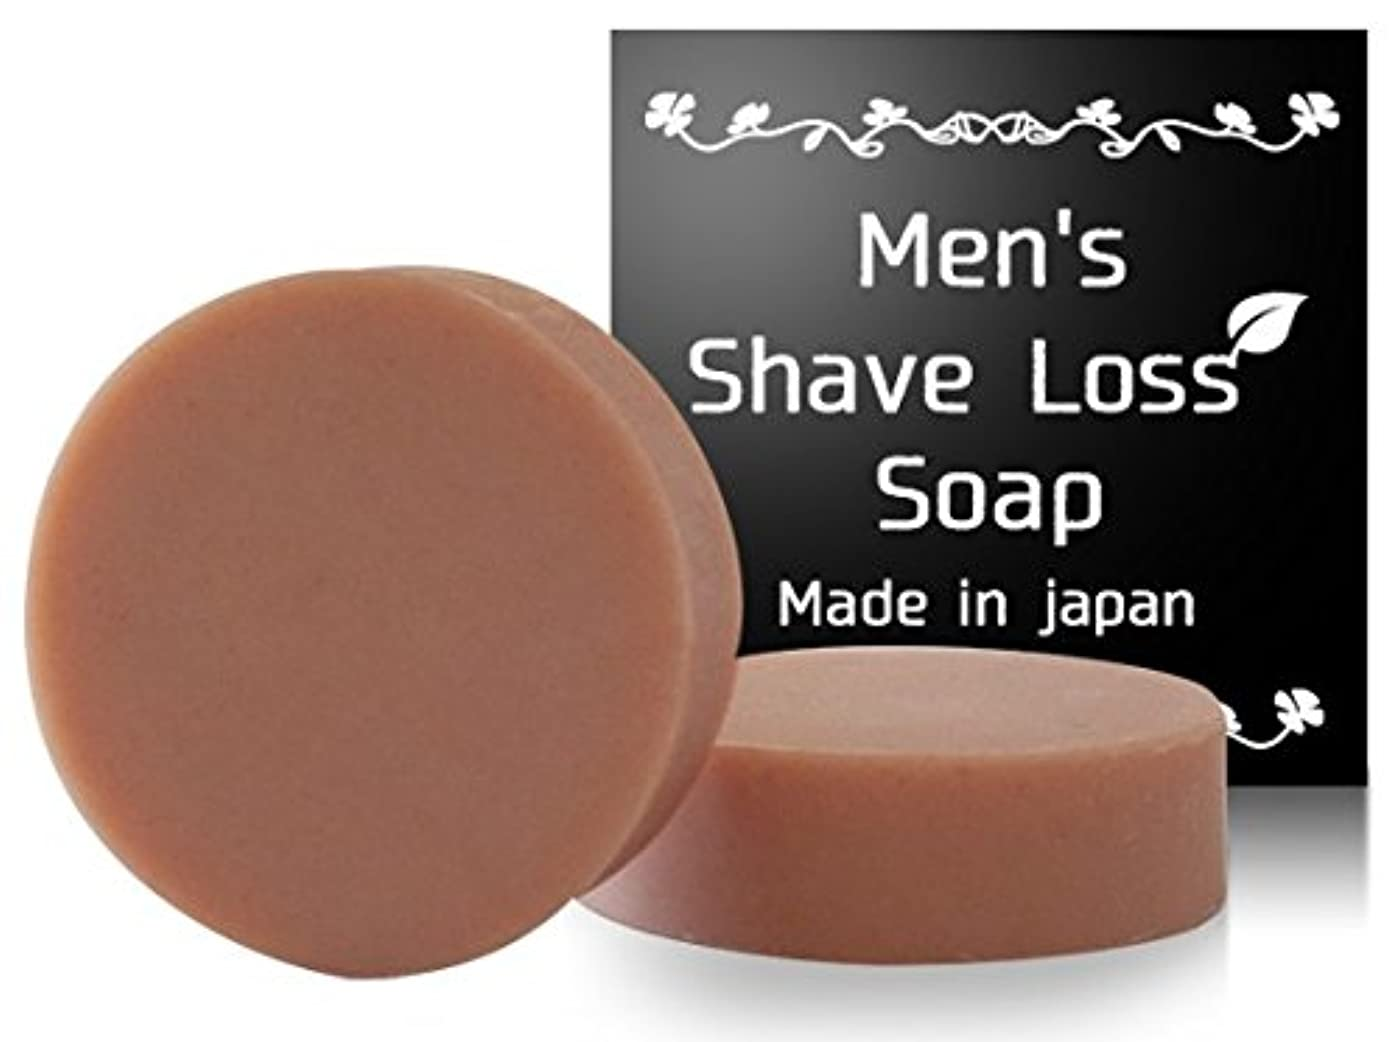 中世の満員蓄積するMens Shave Loss Soap シェーブロス 剛毛は嫌!ツルツル過ぎも嫌! そんな夢を叶えた奇跡の石鹸! 【男性専用】(1個)